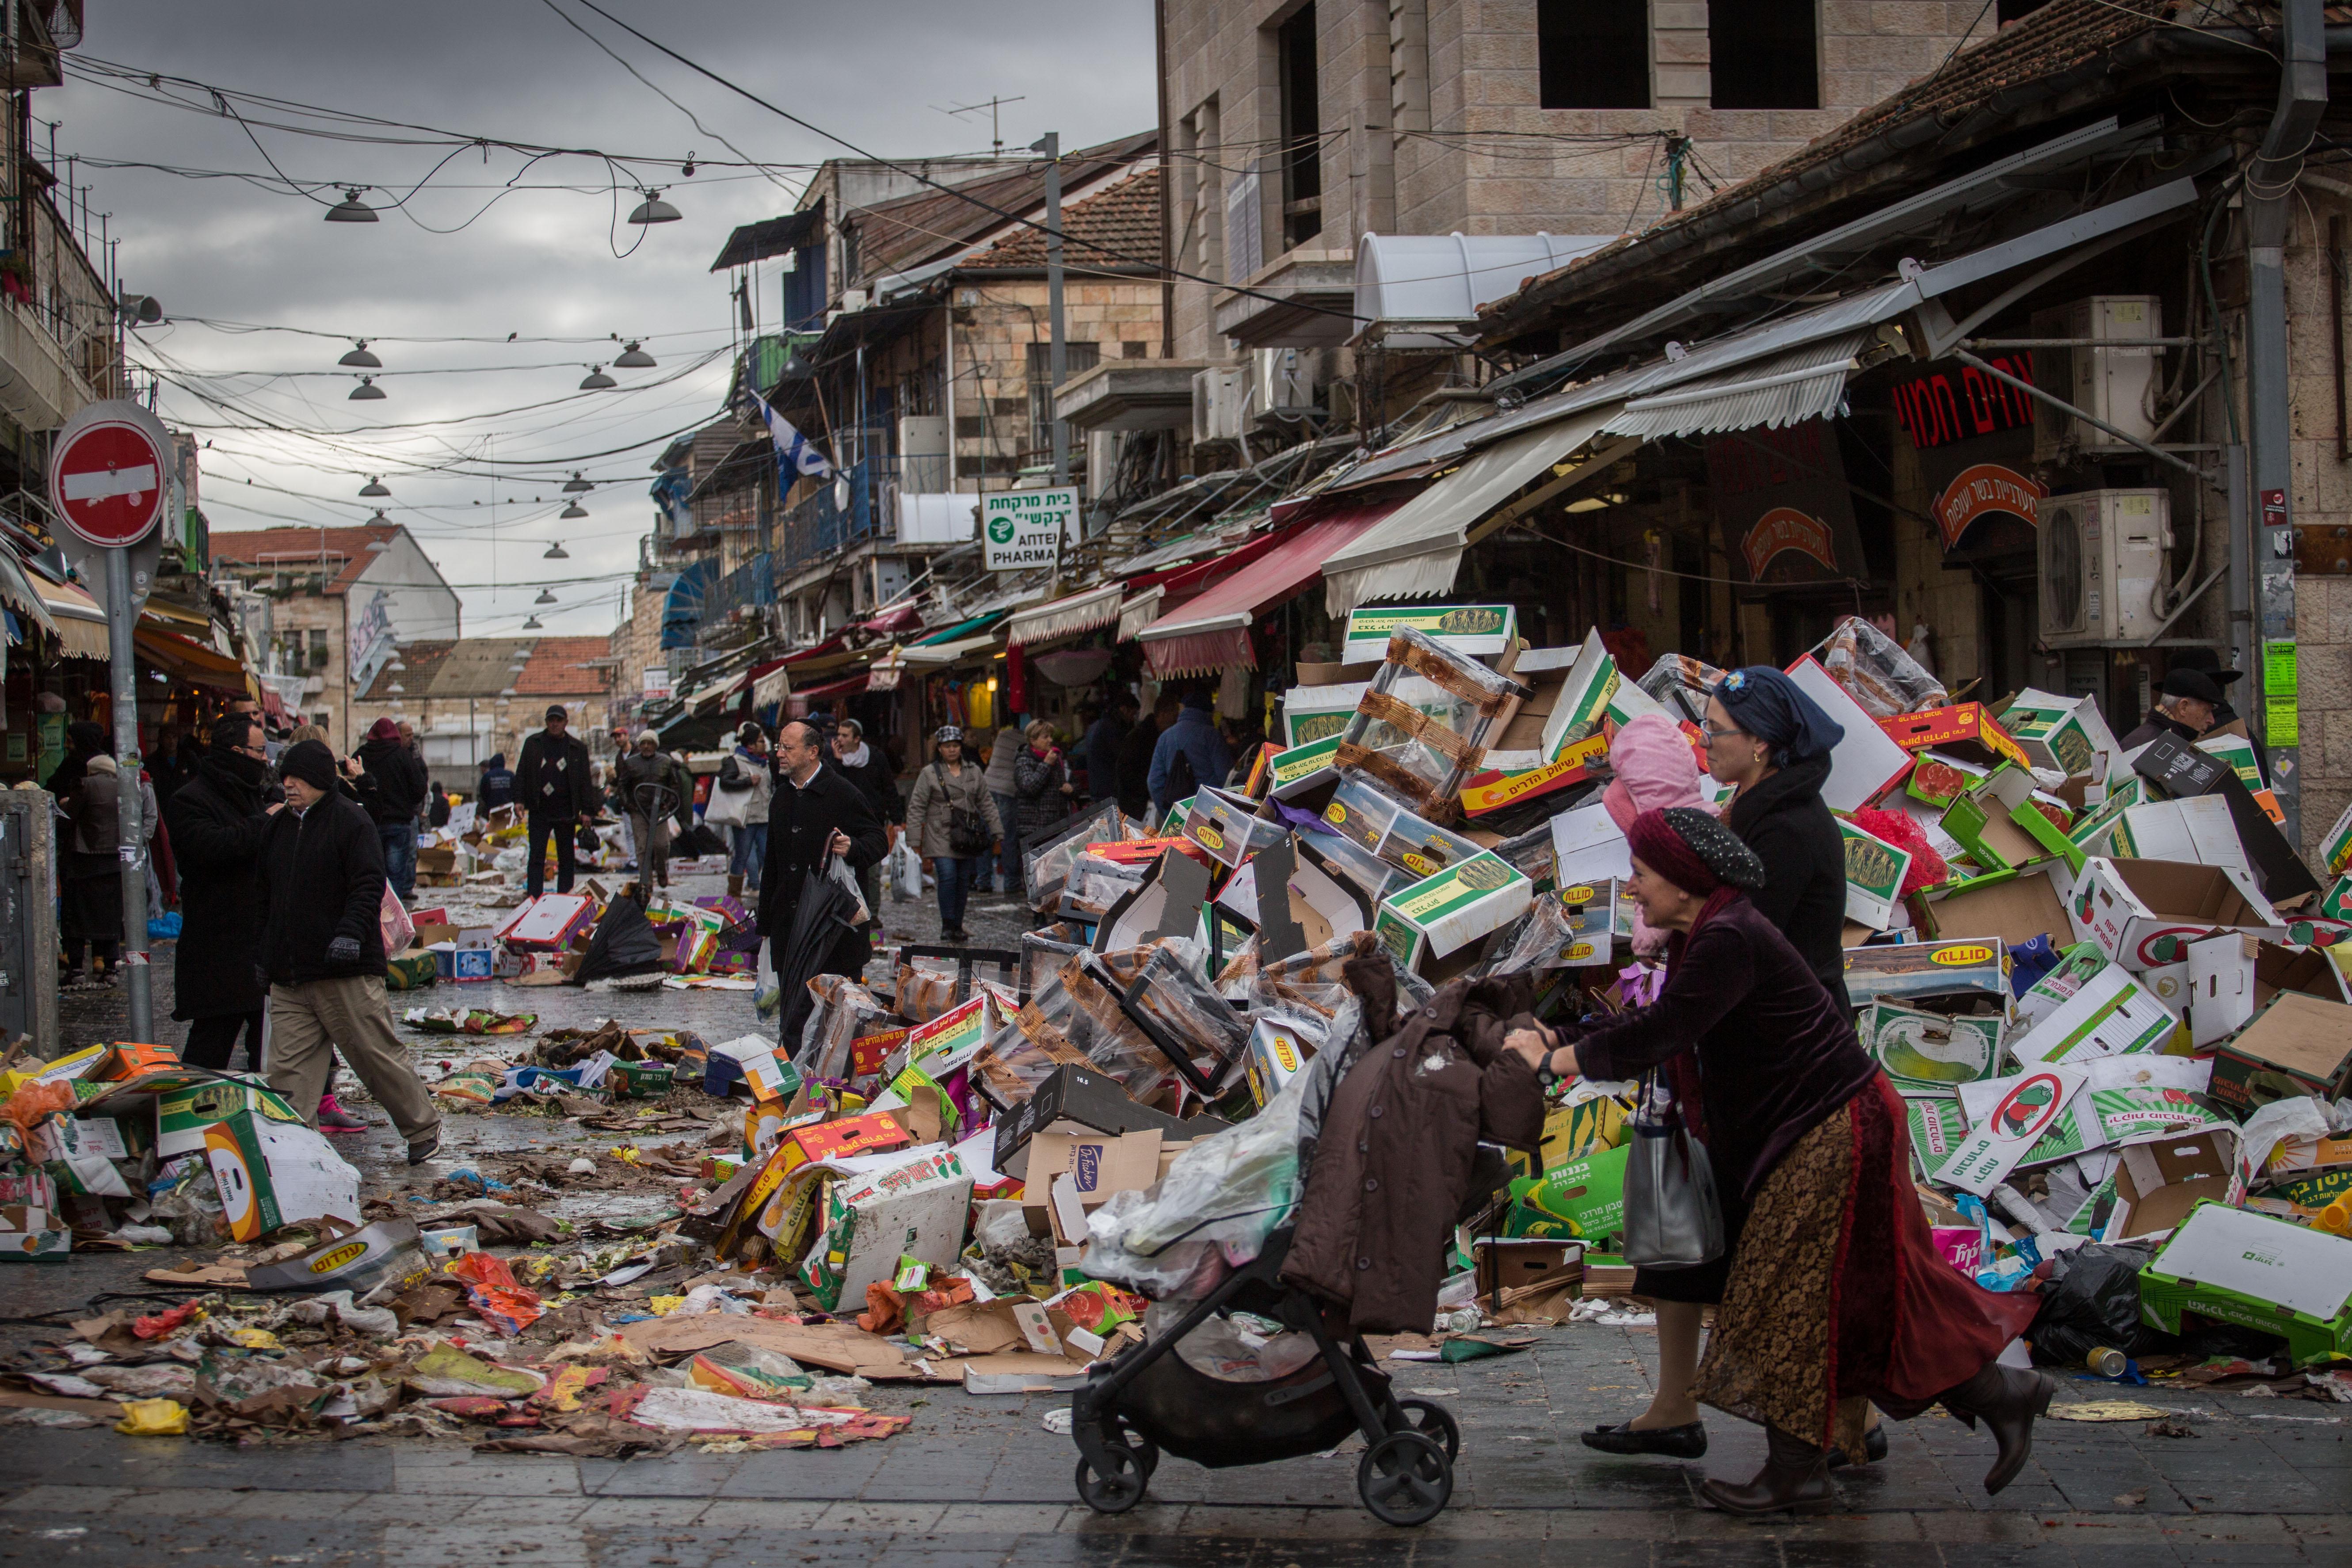 Jerusalem Garbage Piled Up Sanitation Workers End